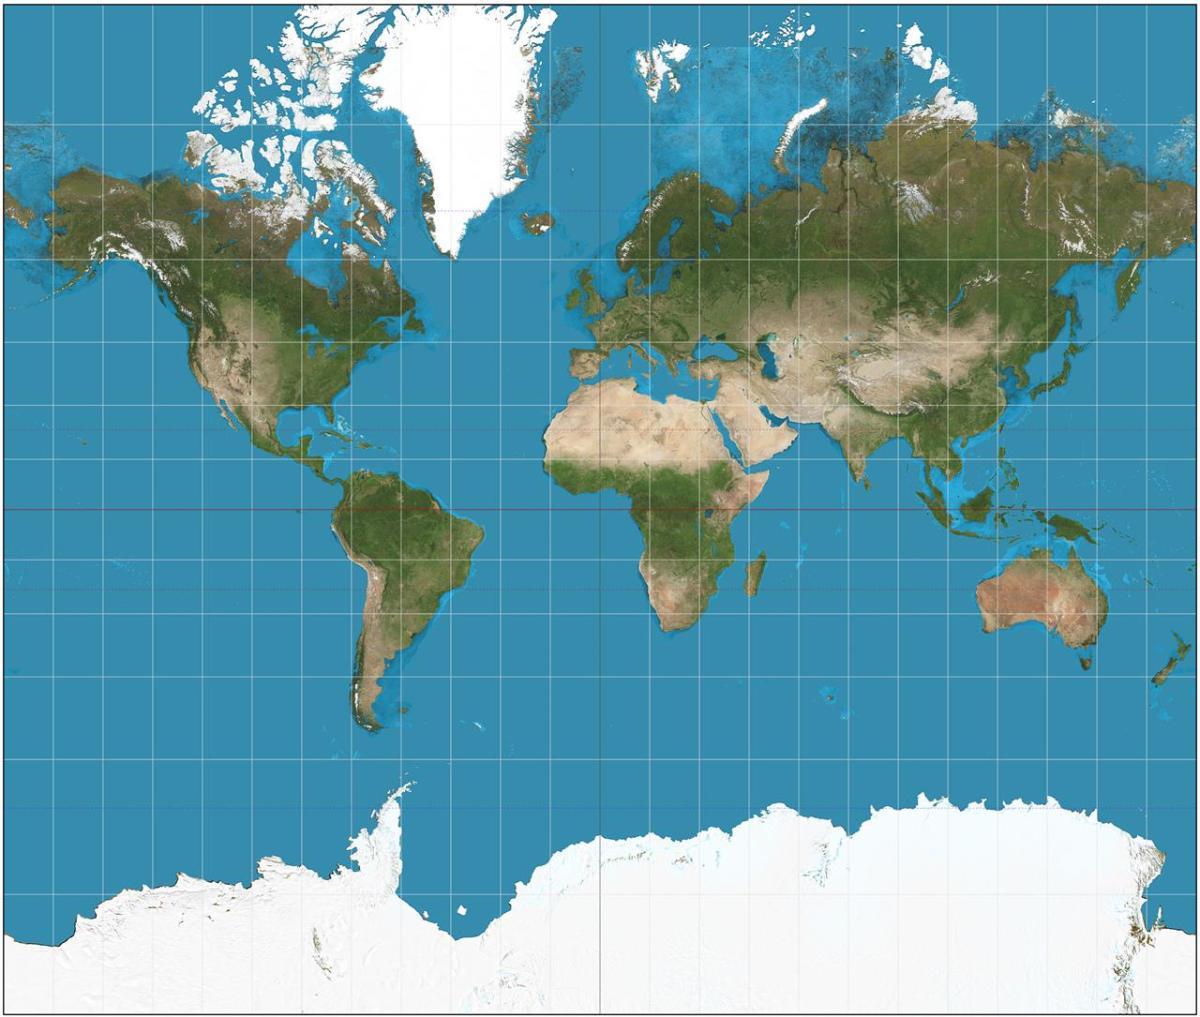 Cartina Mondo Google Maps.La Mappa Della Terra Che Tutti Conosciamo E Un Inganno Linkiesta It